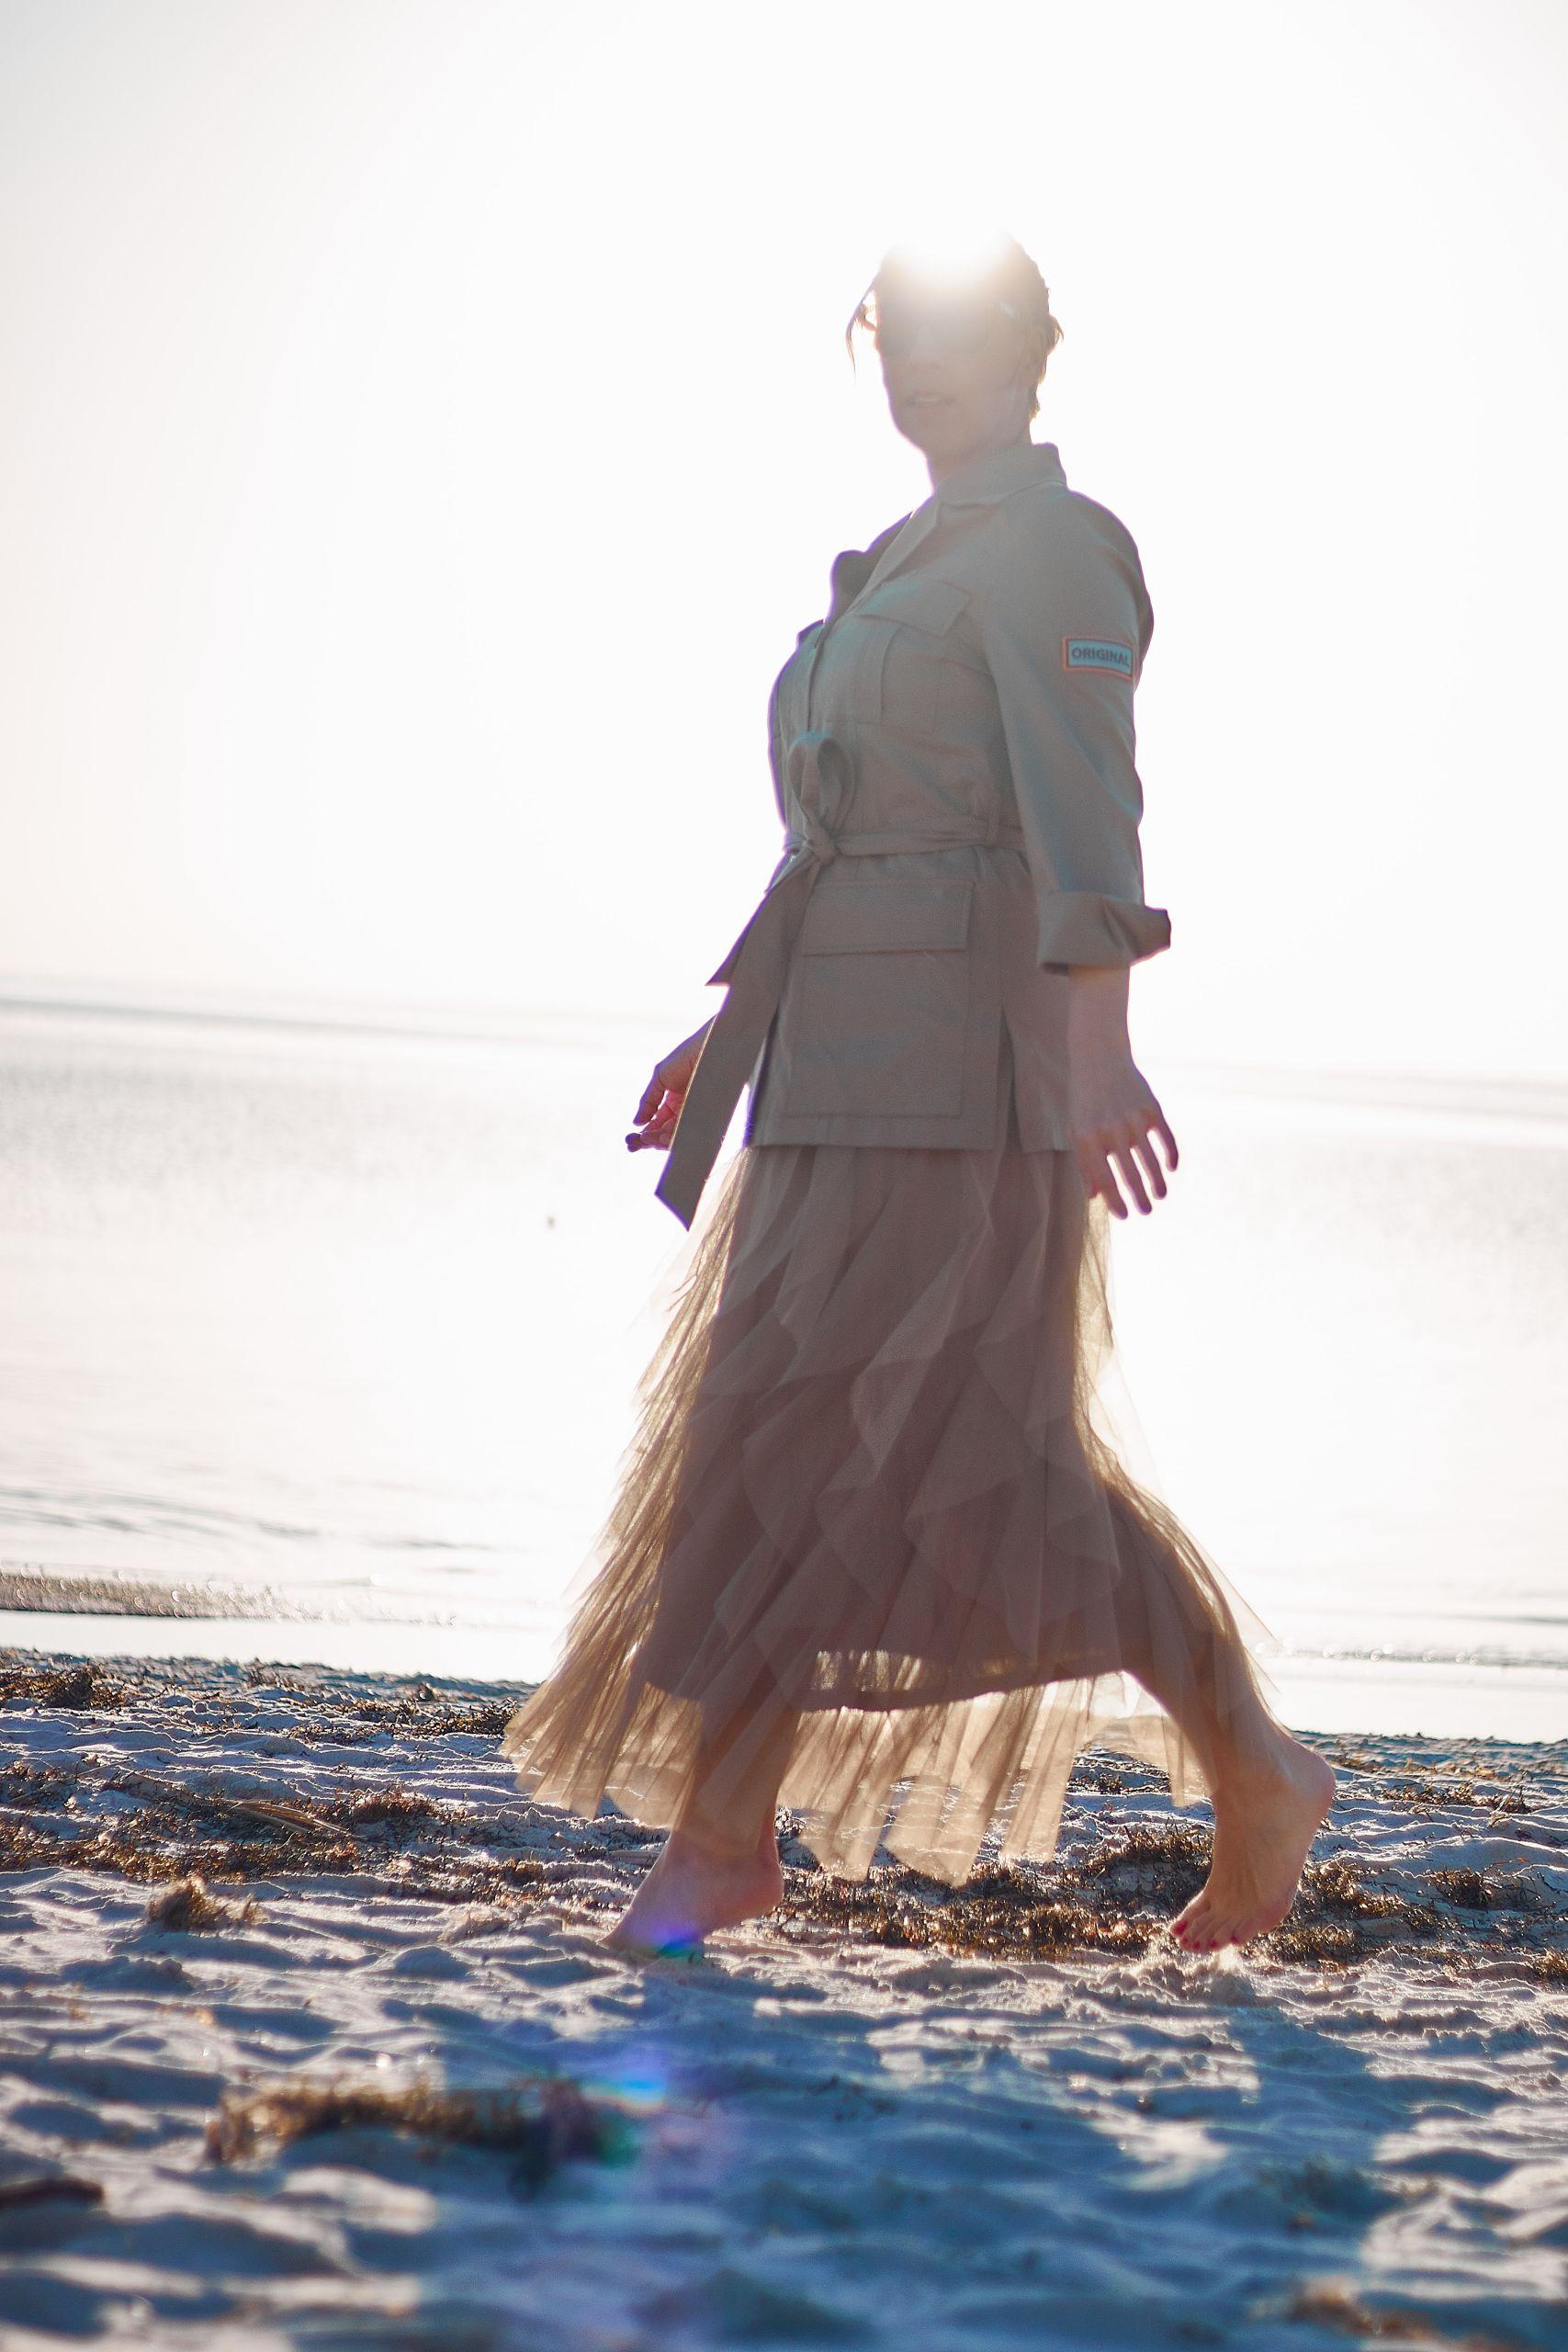 Marc Aurel Tüllrock zur Safari Jacke am Strand von Pelzerhaken